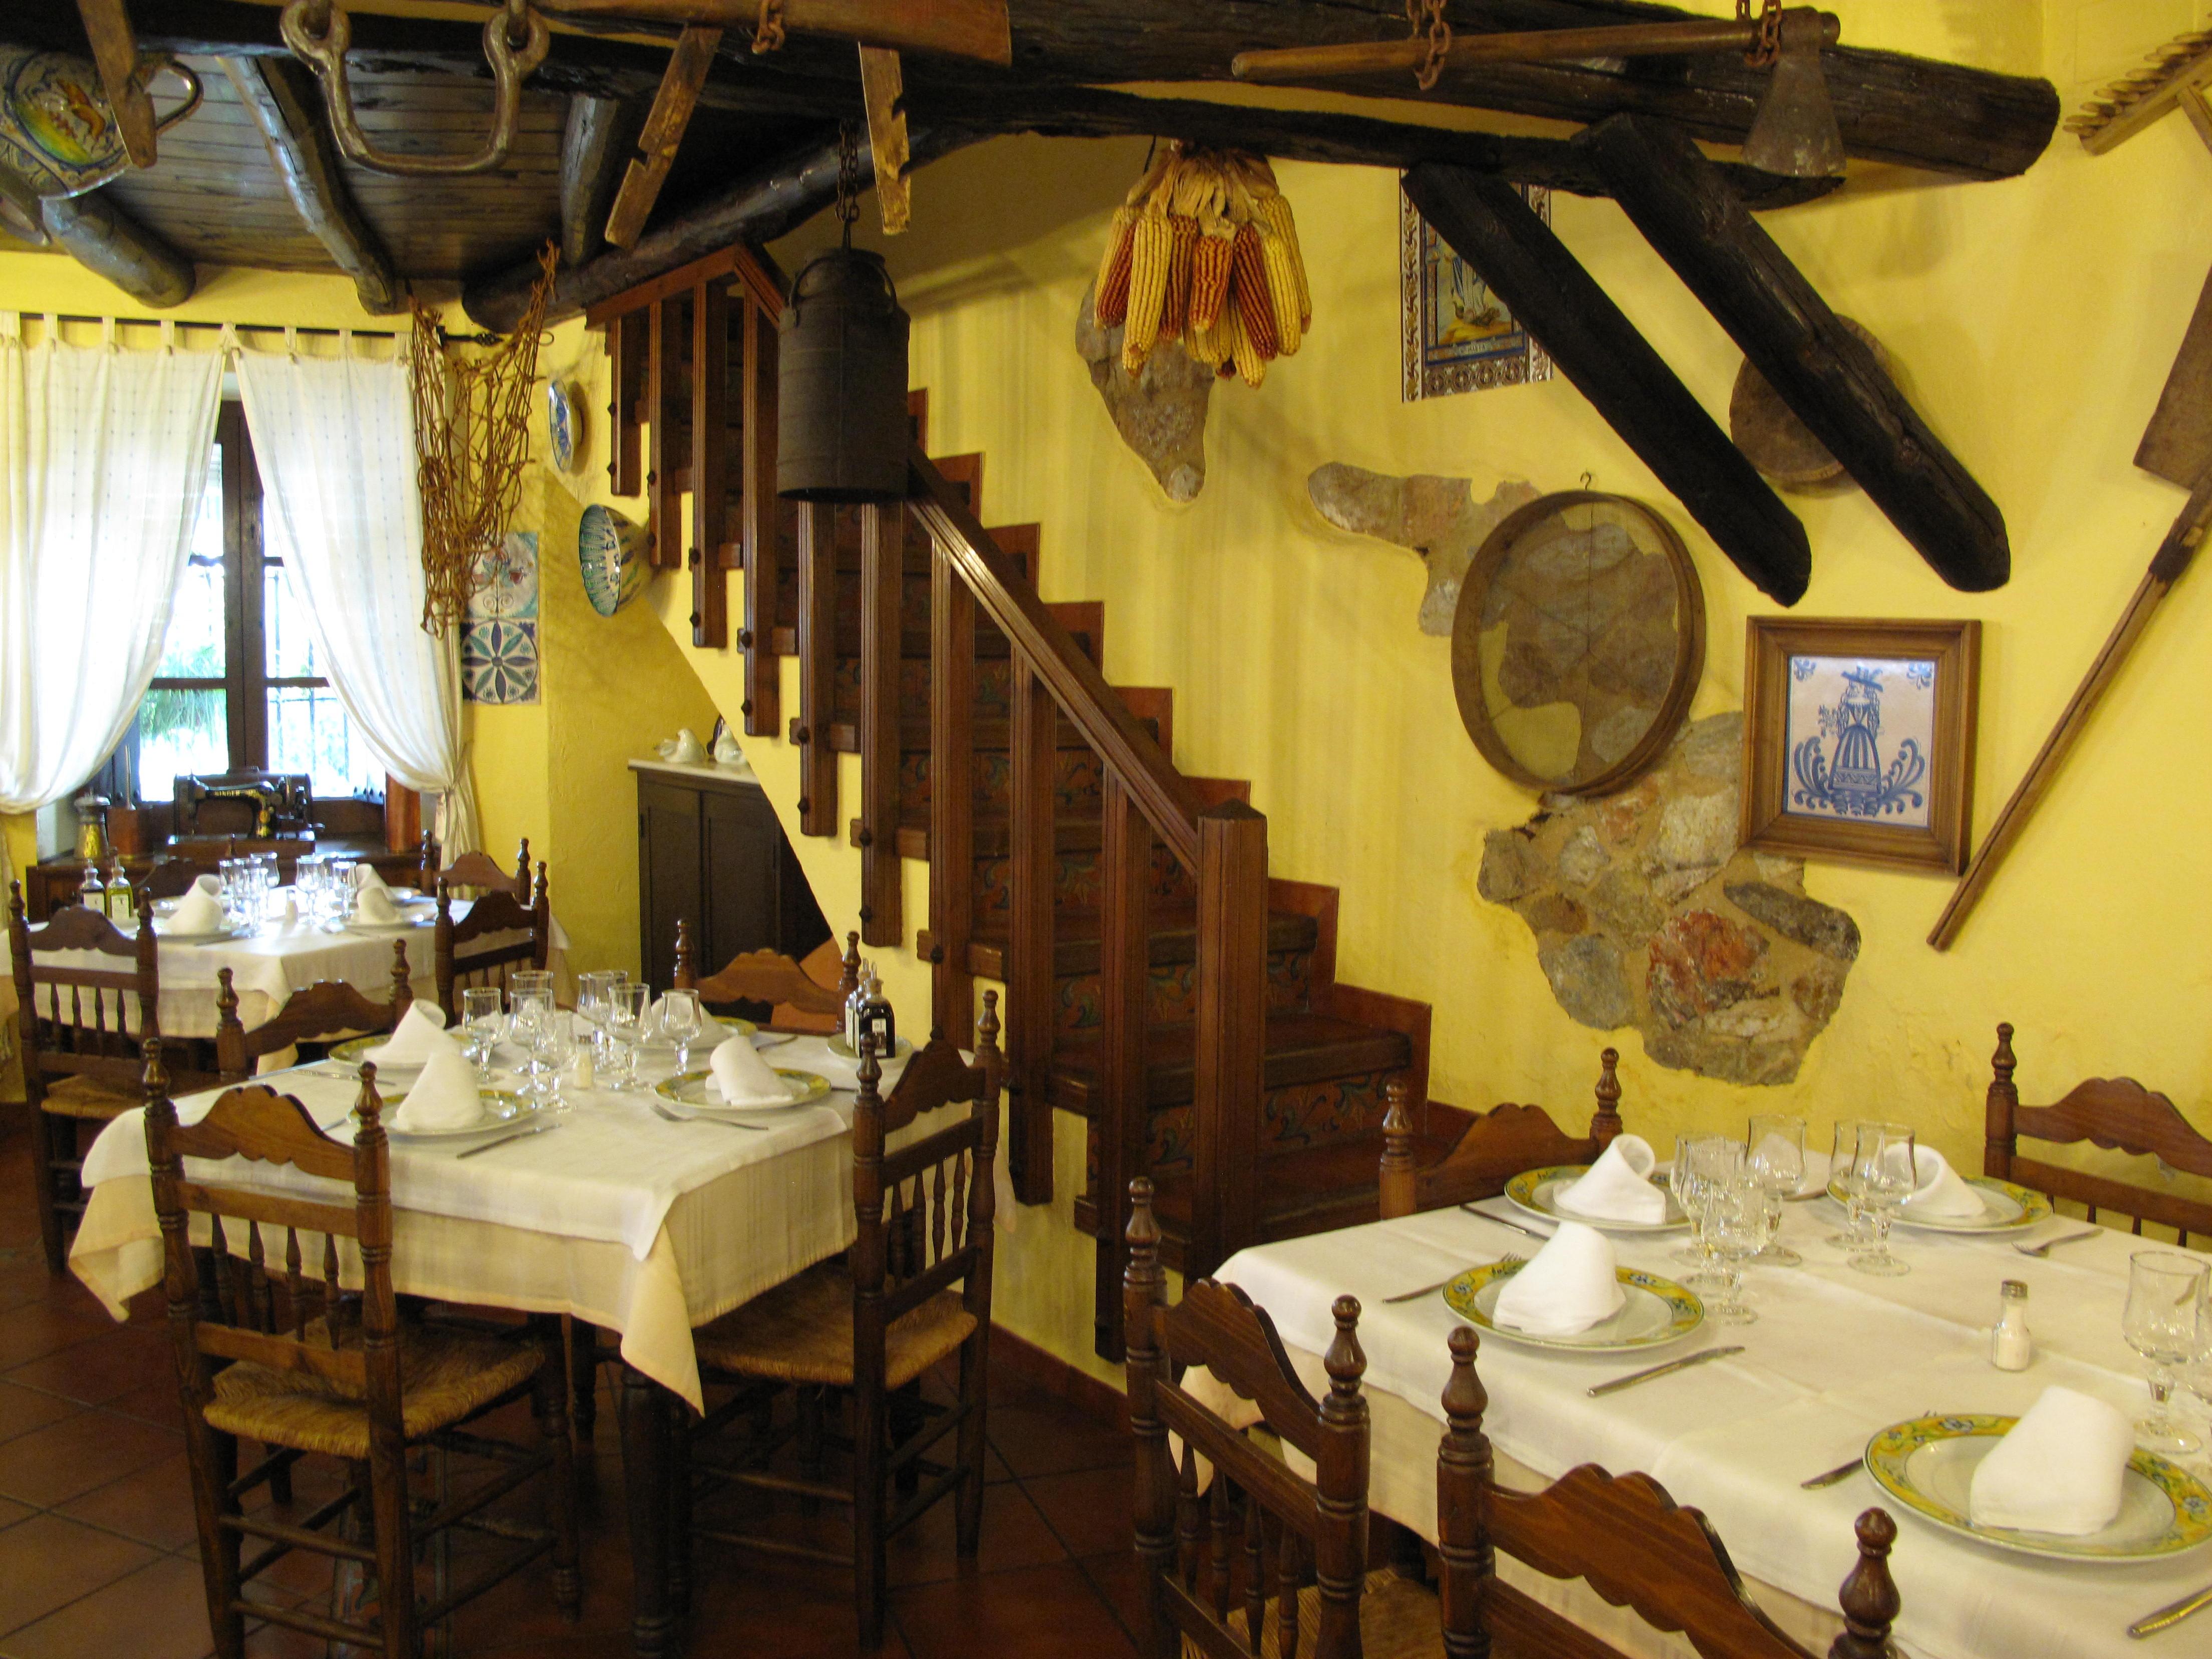 Restaurante La Serrana Aracena turismo Huelva 09